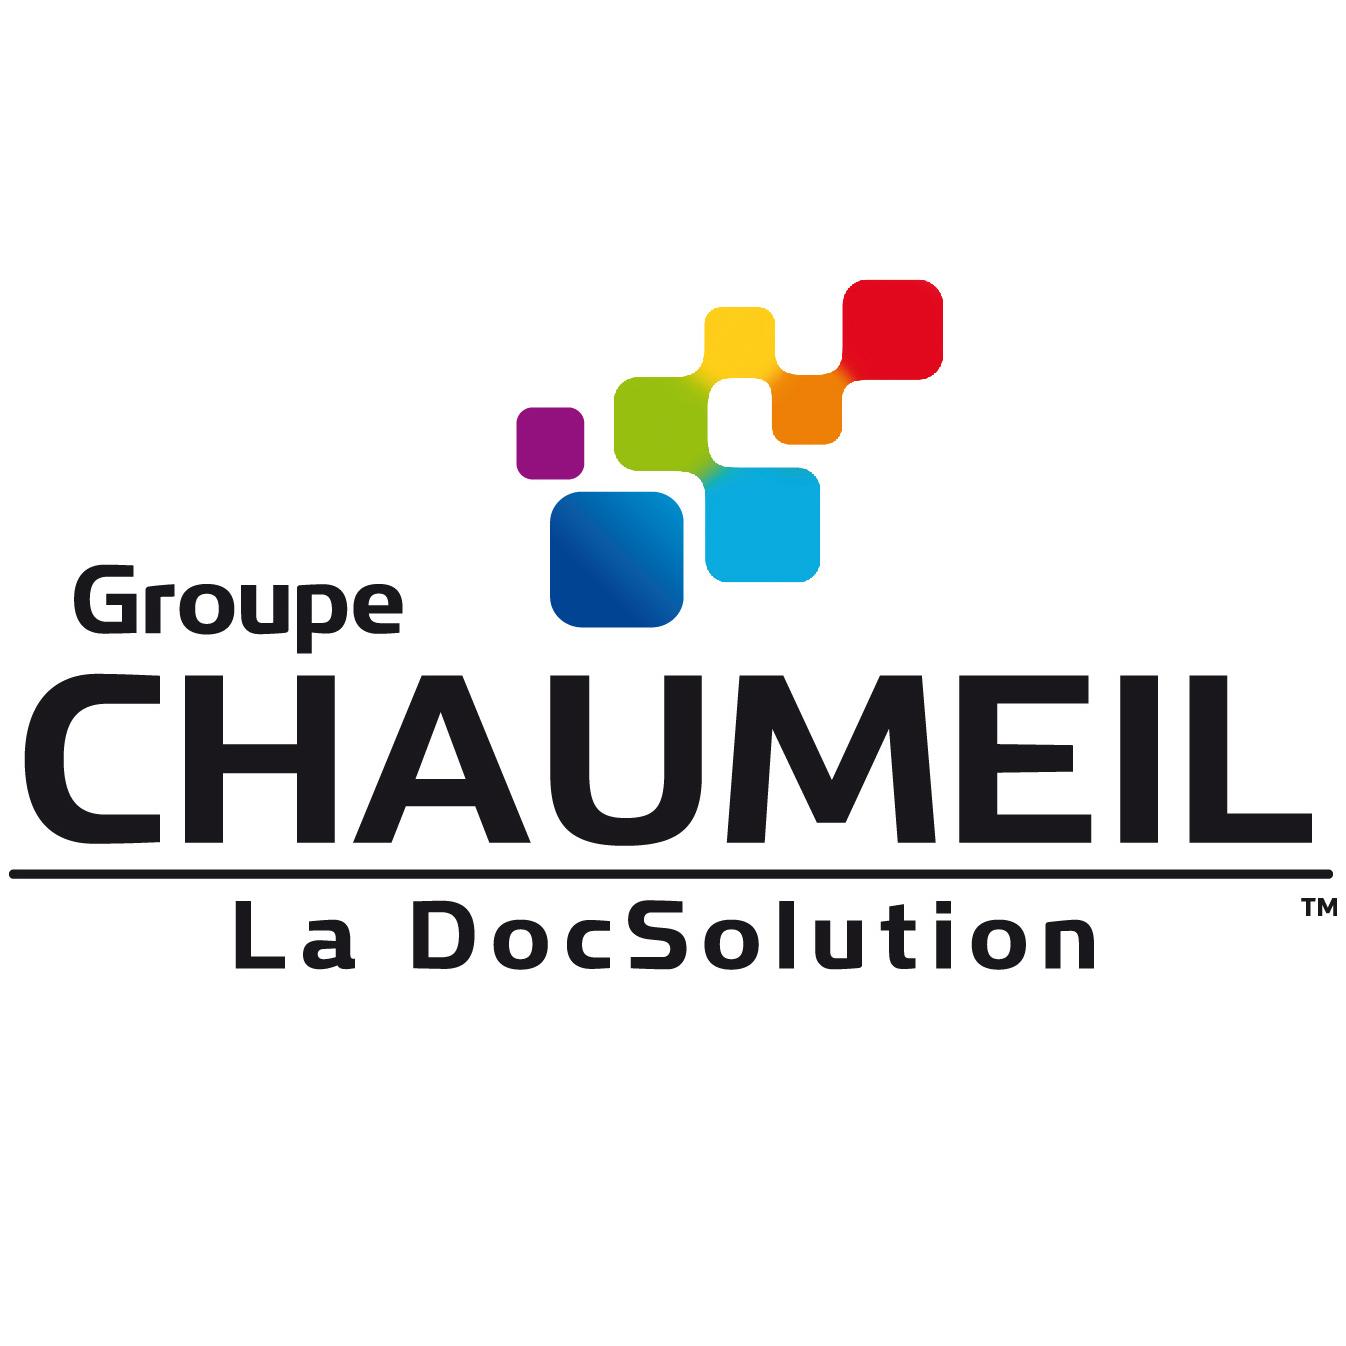 logo_imprimerie_chaumeil_5f3be491b7381.jpg